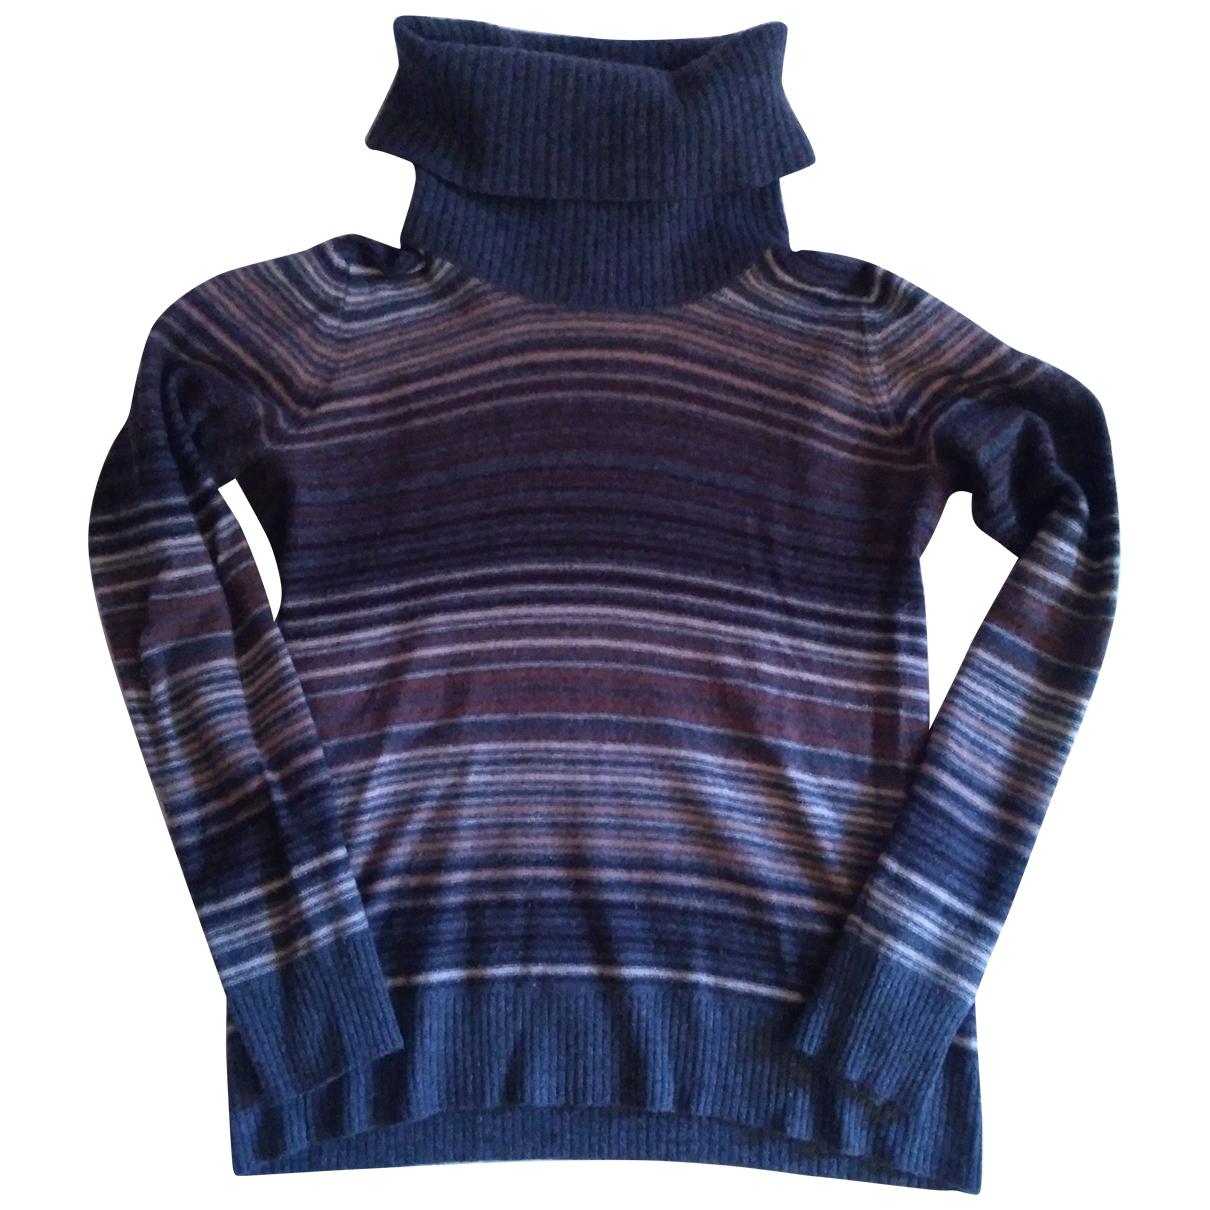 D&g - Pull   pour femme en laine - gris